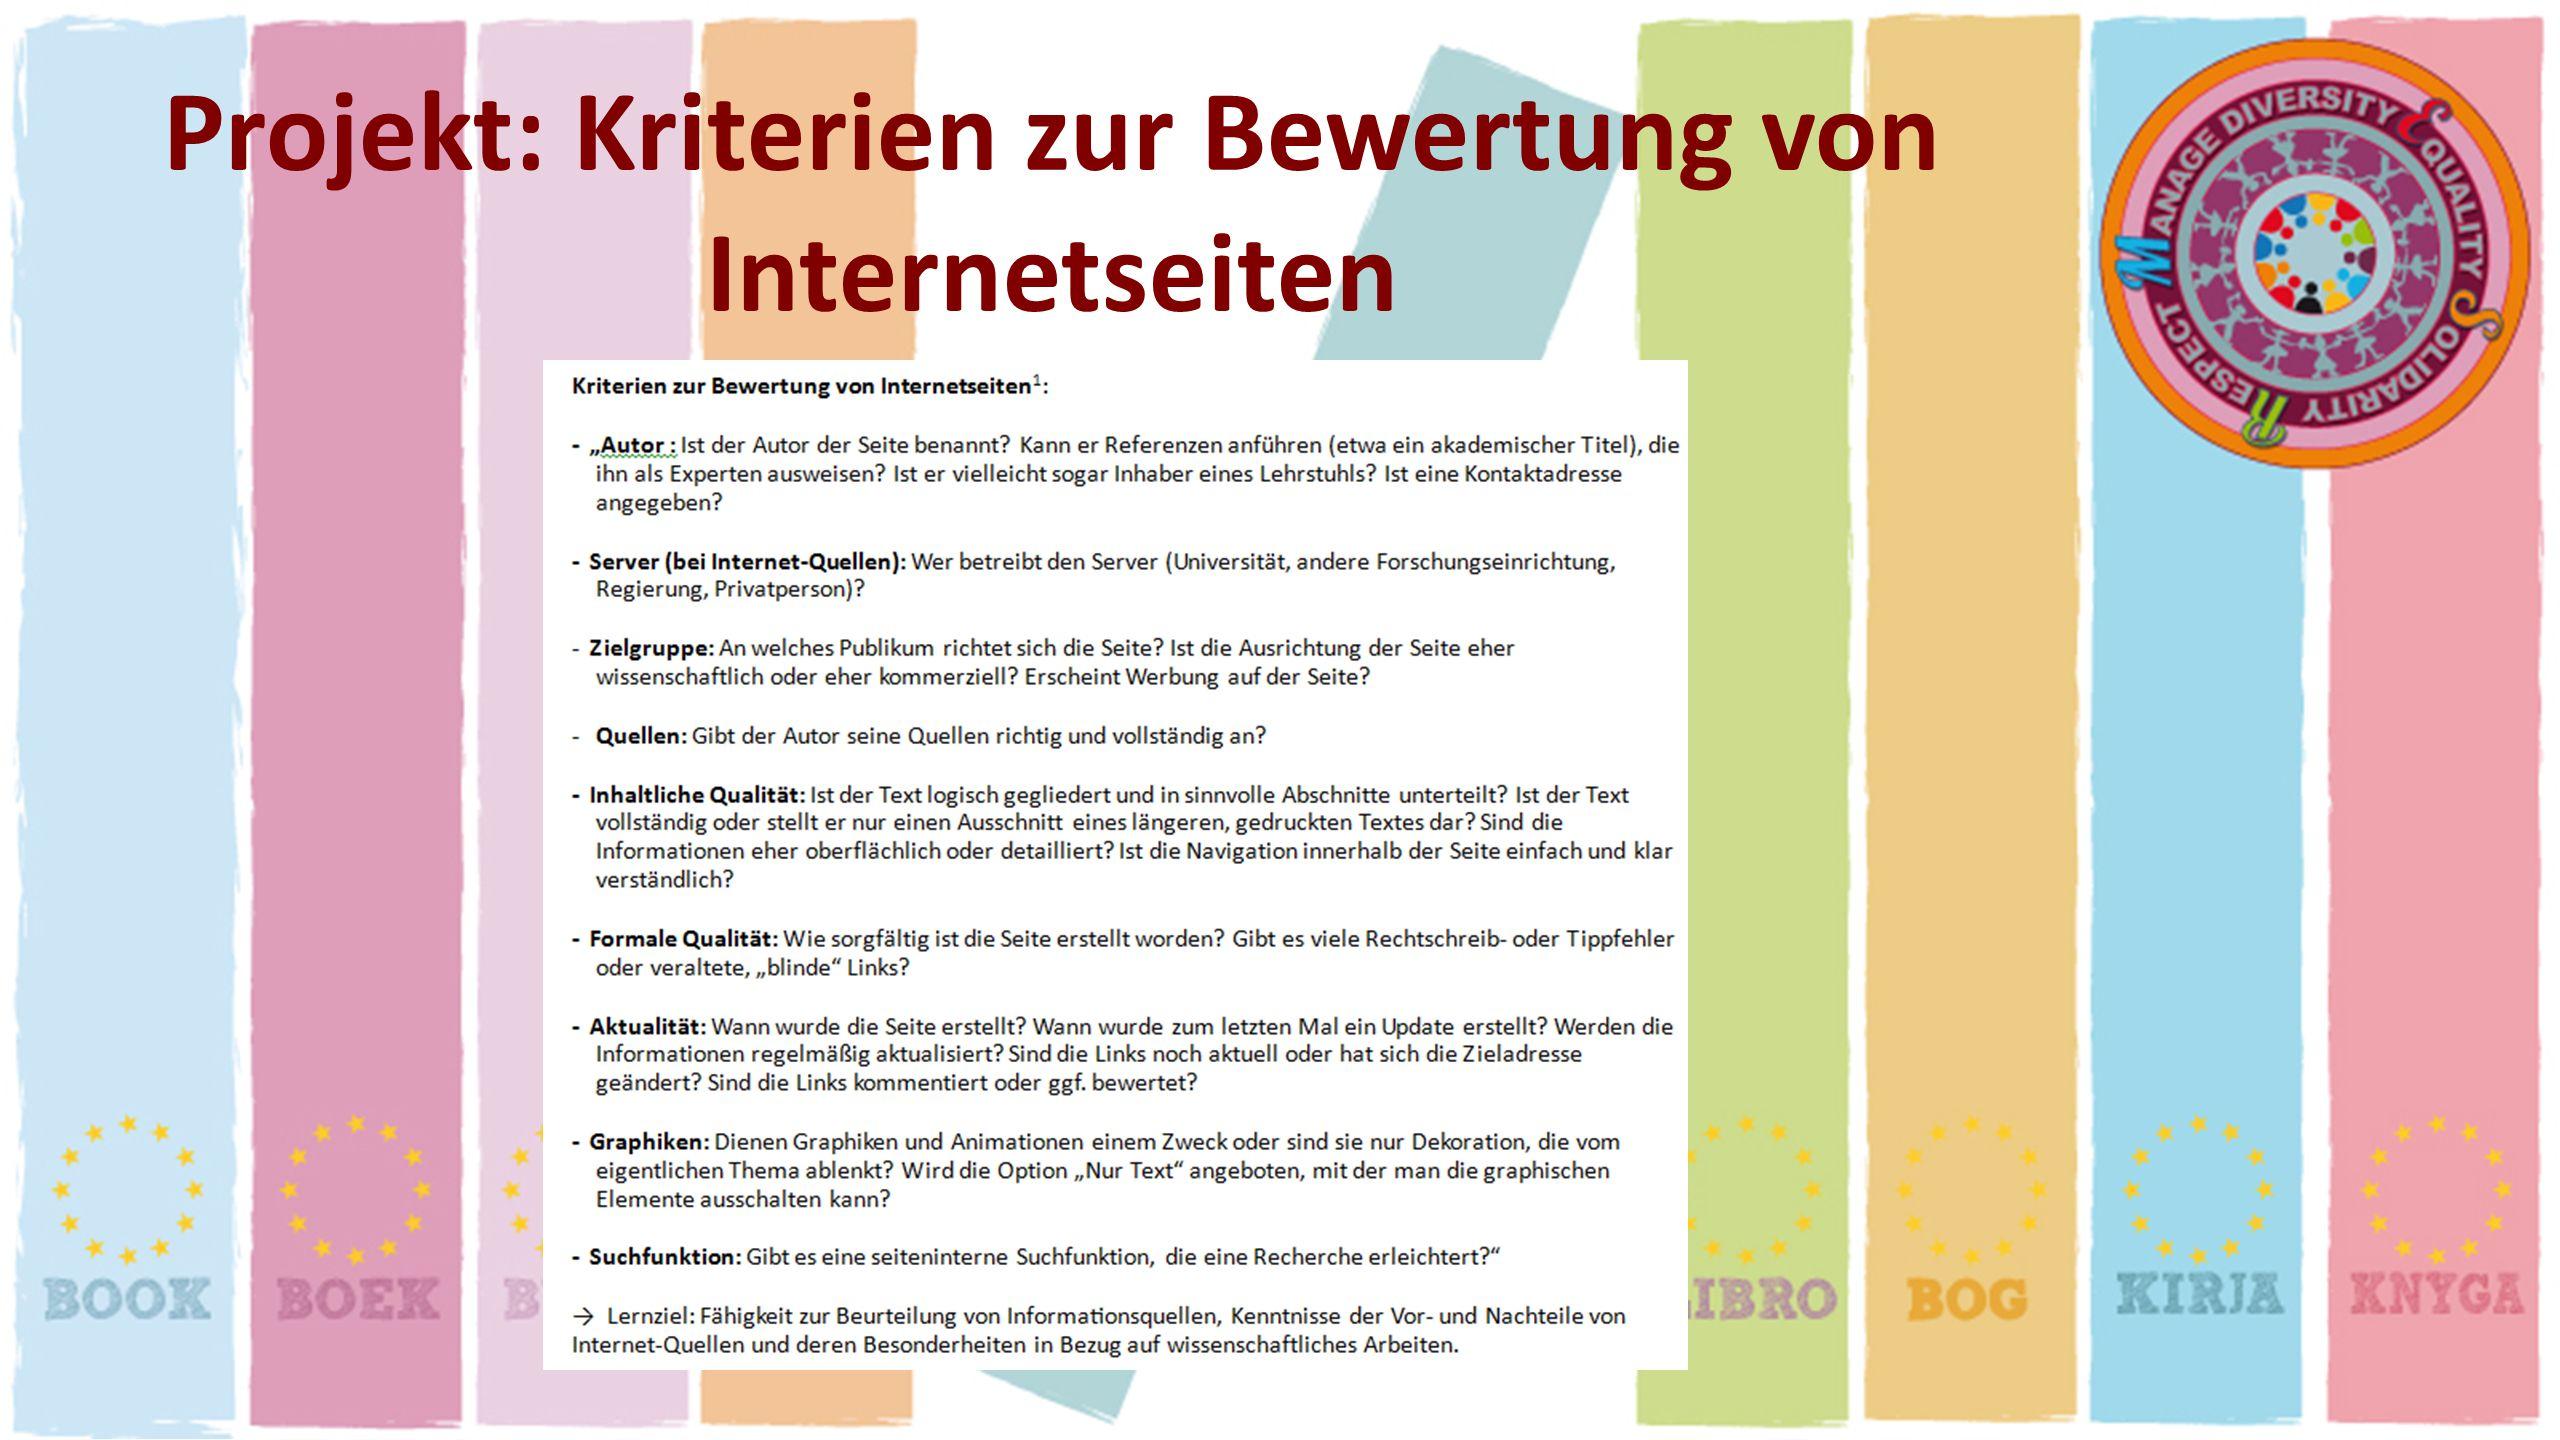 Projekt: Kriterien zur Bewertung von Internetseiten